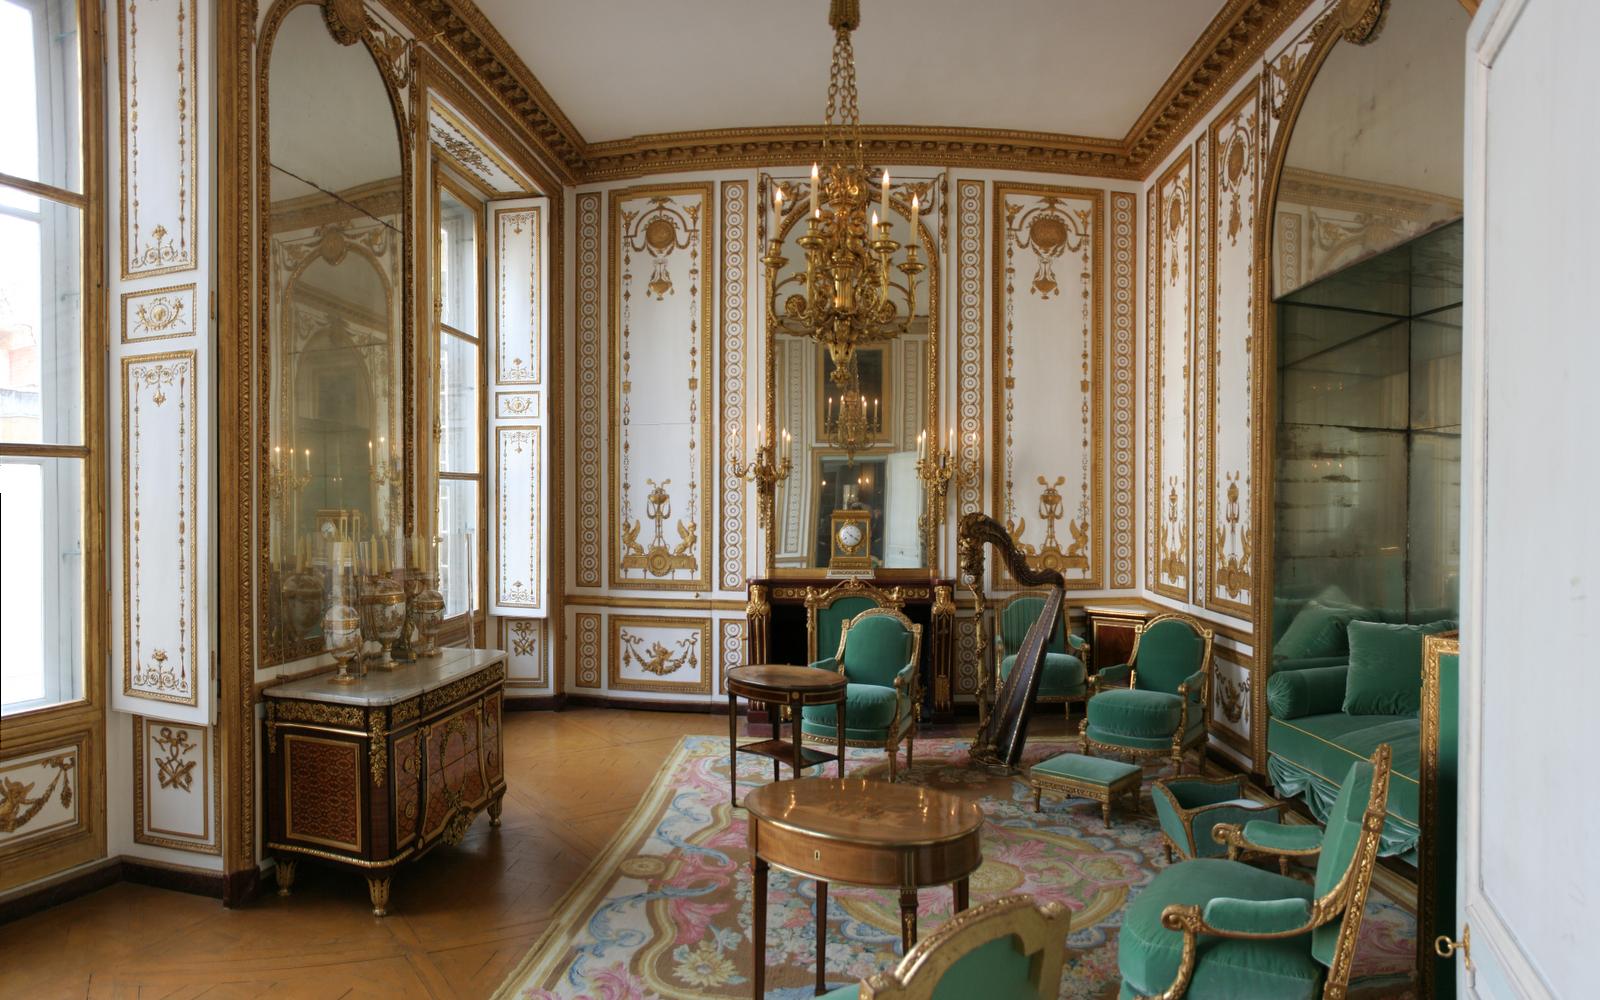 Chateau et jardins de versailles page 8 for Chateau de versailles interieur